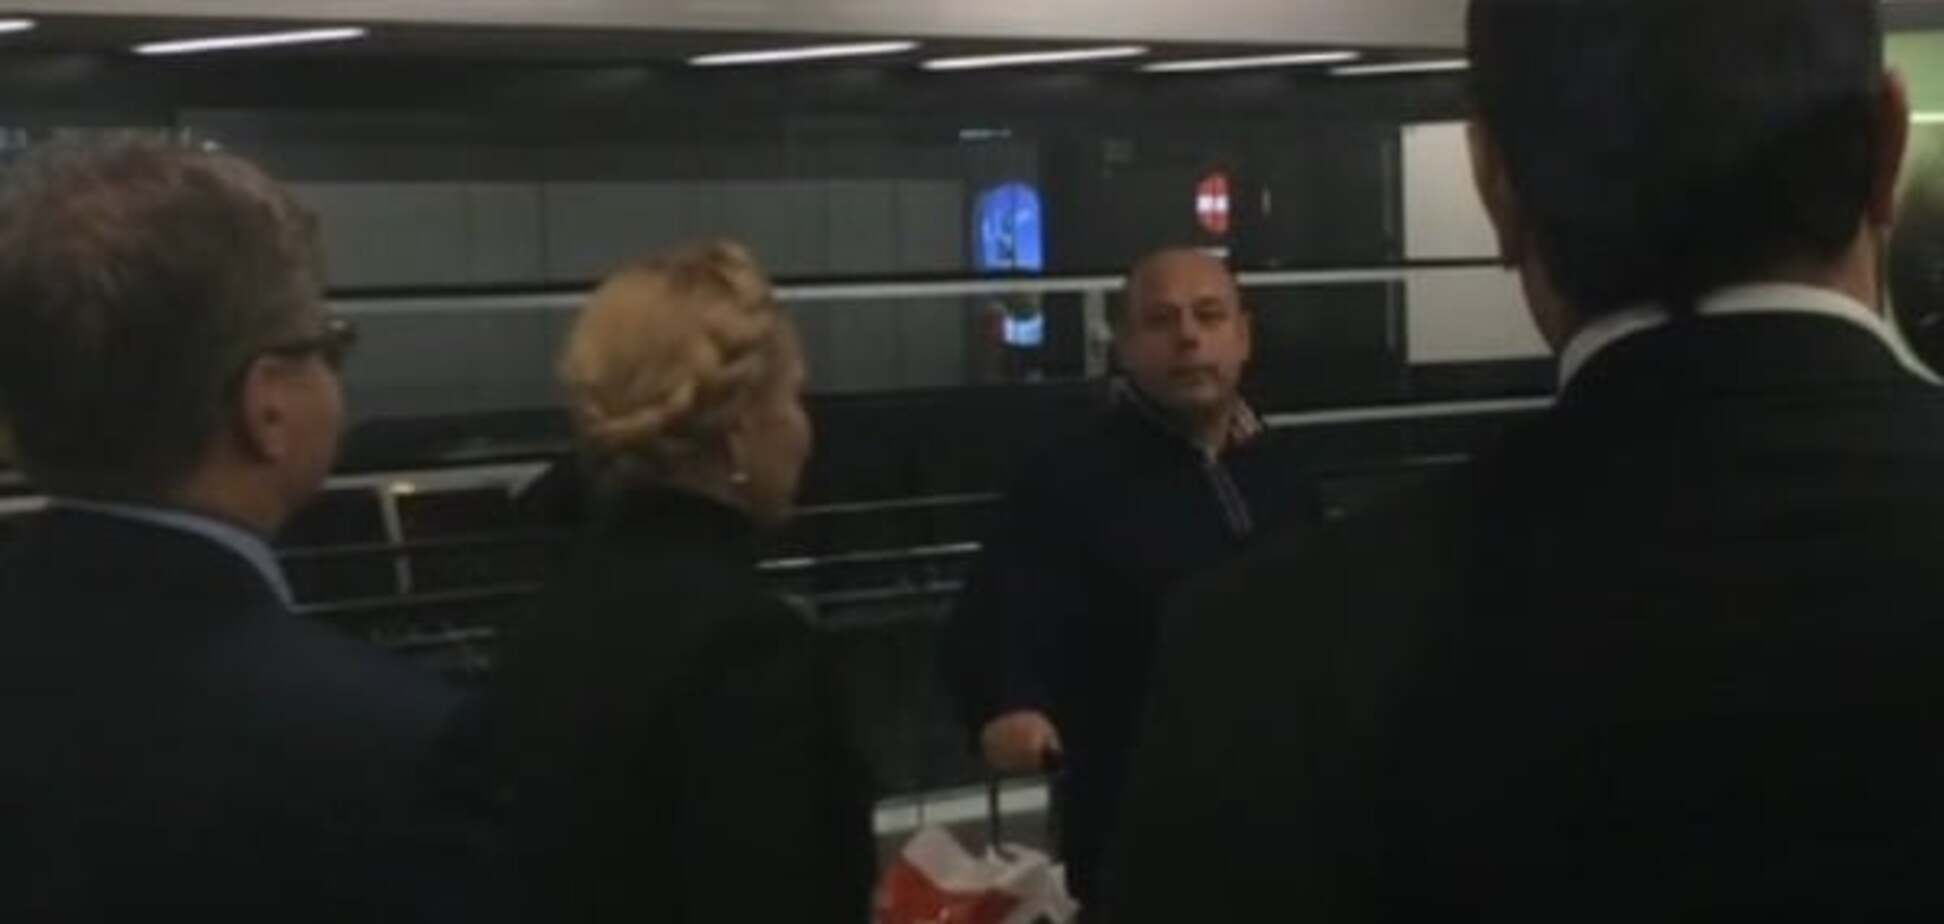 Тимошенко засекли в аэропорту Вены в компании экс-министра Продана: опубликовано видео